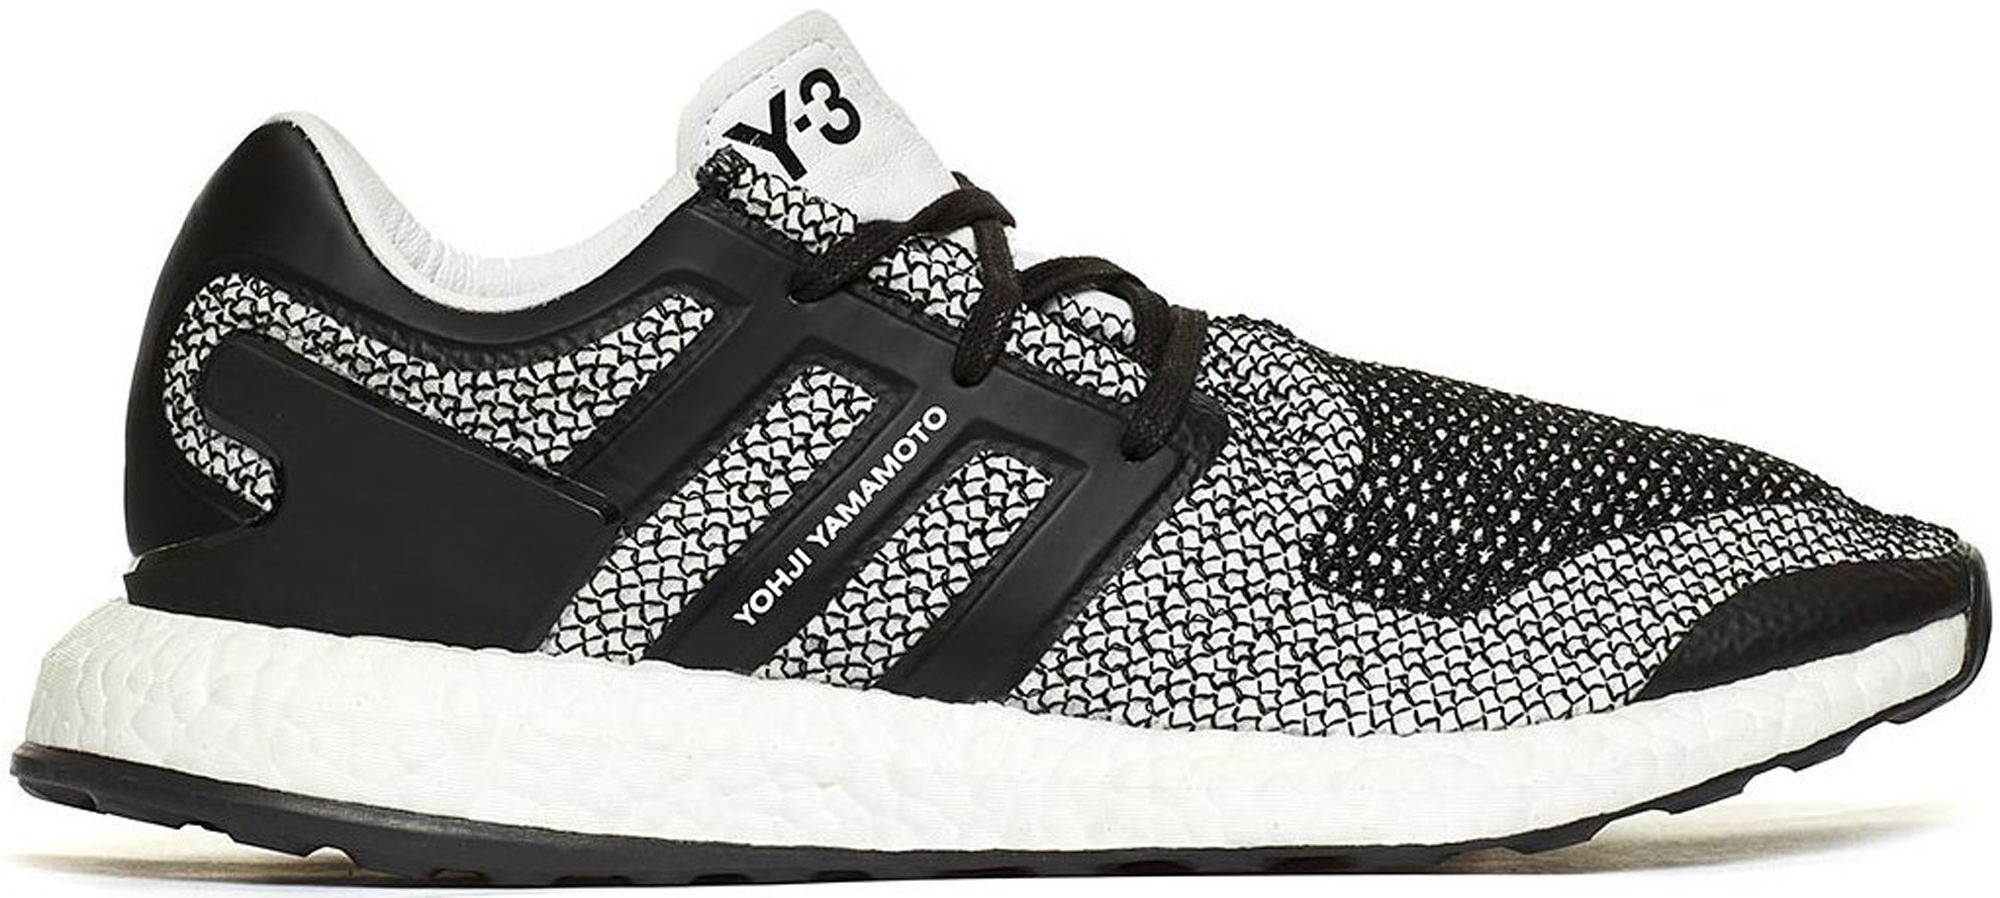 Adidas y 3 pureboost bianco nero cp9888